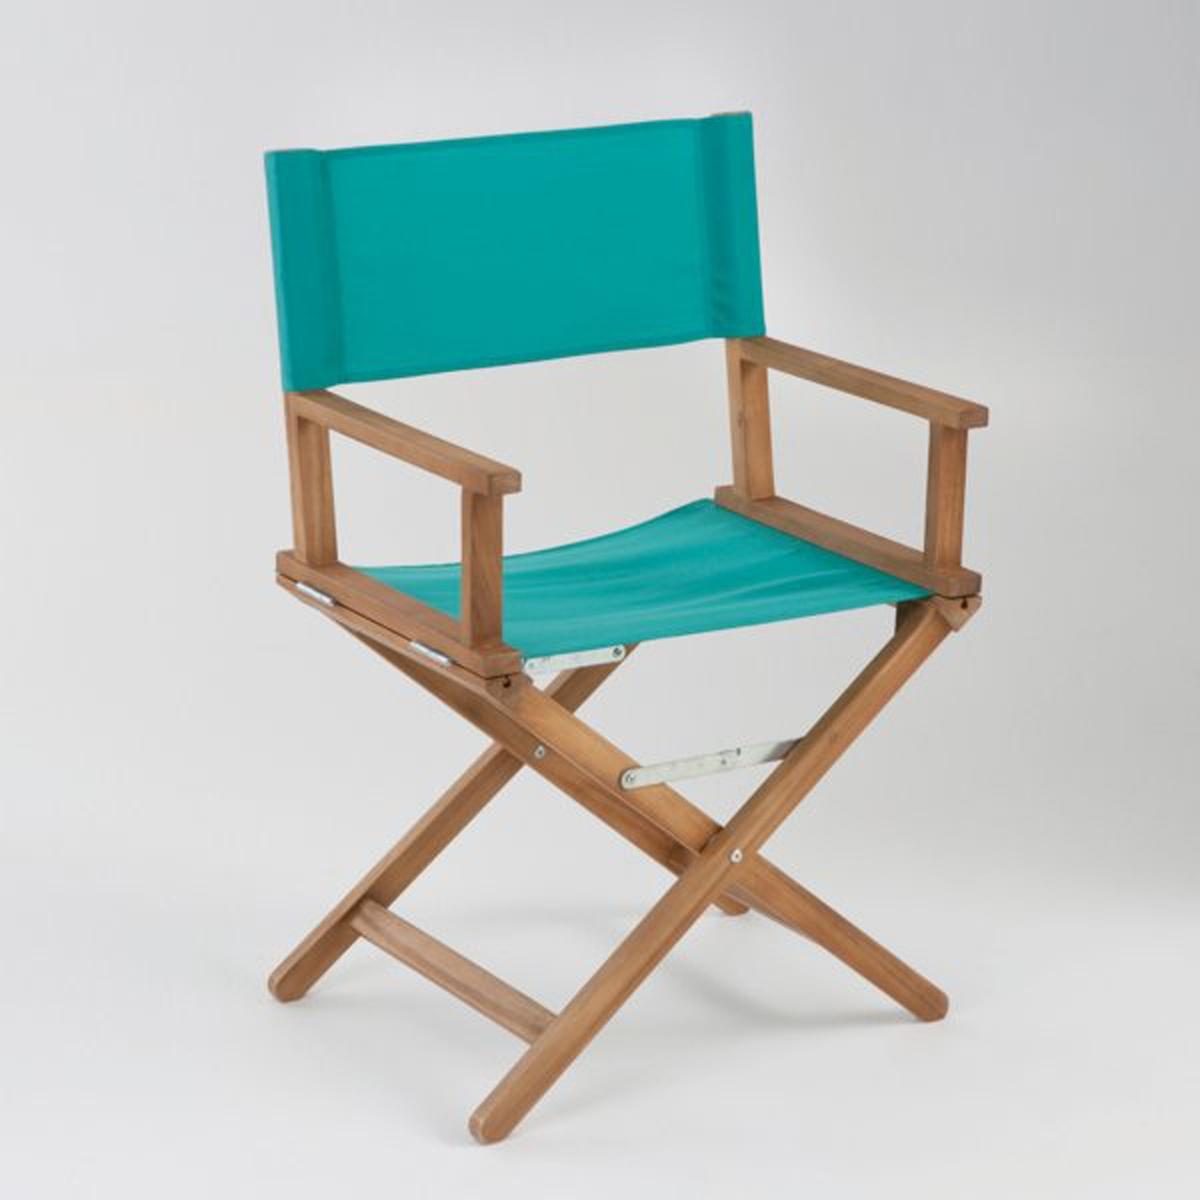 Кресло кинорежиссераВ саду и дома, режиссерское кресло производит сильное впечатление. Характеристики кресла :Из акации с масляной пропиткой. - Покрытие  100% полиэстера .- Полностью складное .Поставляется  собранным, в сложенном виде .Размеры :- Общие: L56/57,5 x H88 x P43 см. Это кресло кинорежиссера для экстерьера может быть доставлено (без доплаты), если необходимо, до вашей квартиры.Вы можете обменять или вернуть кресло в течение 15 дней, предварительно оговорив это при покупке.<br><br>Цвет: в полоску разноцветный,изумрудный,коралловый/ розовый